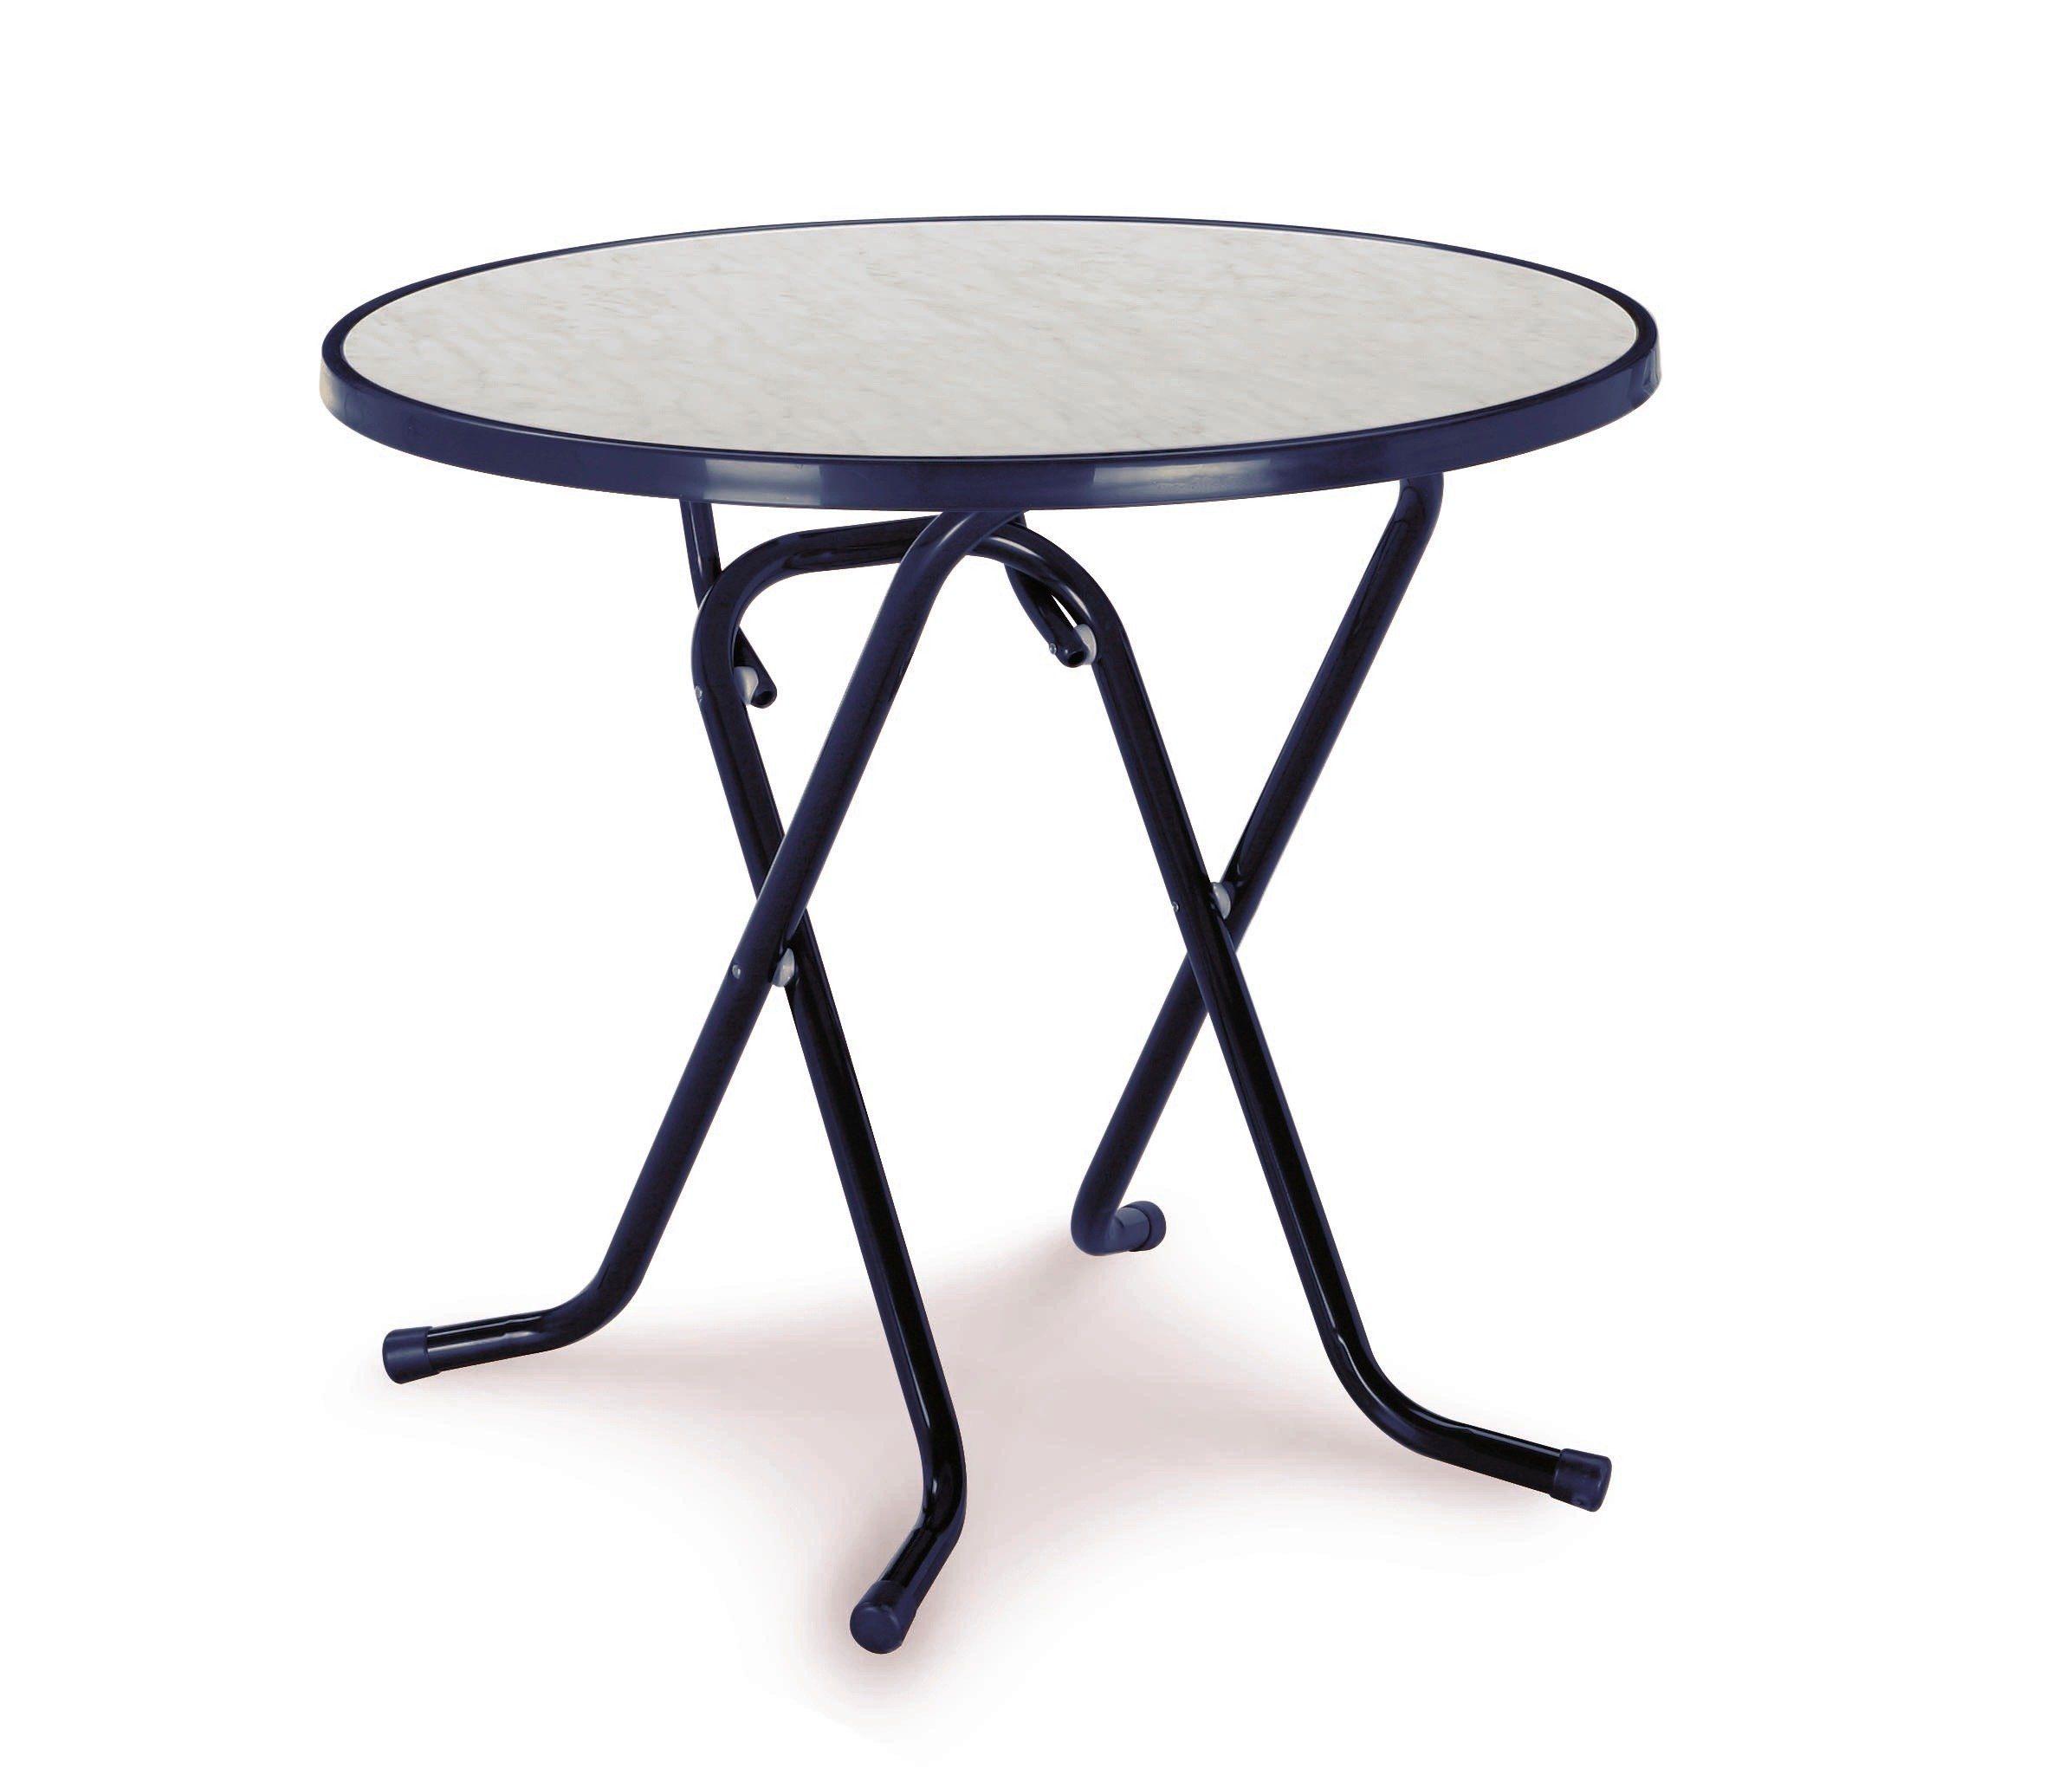 BEST Gartentisch »Primo«, Stahl/Kunststoff, klappbar, Ø 80 cm, blau